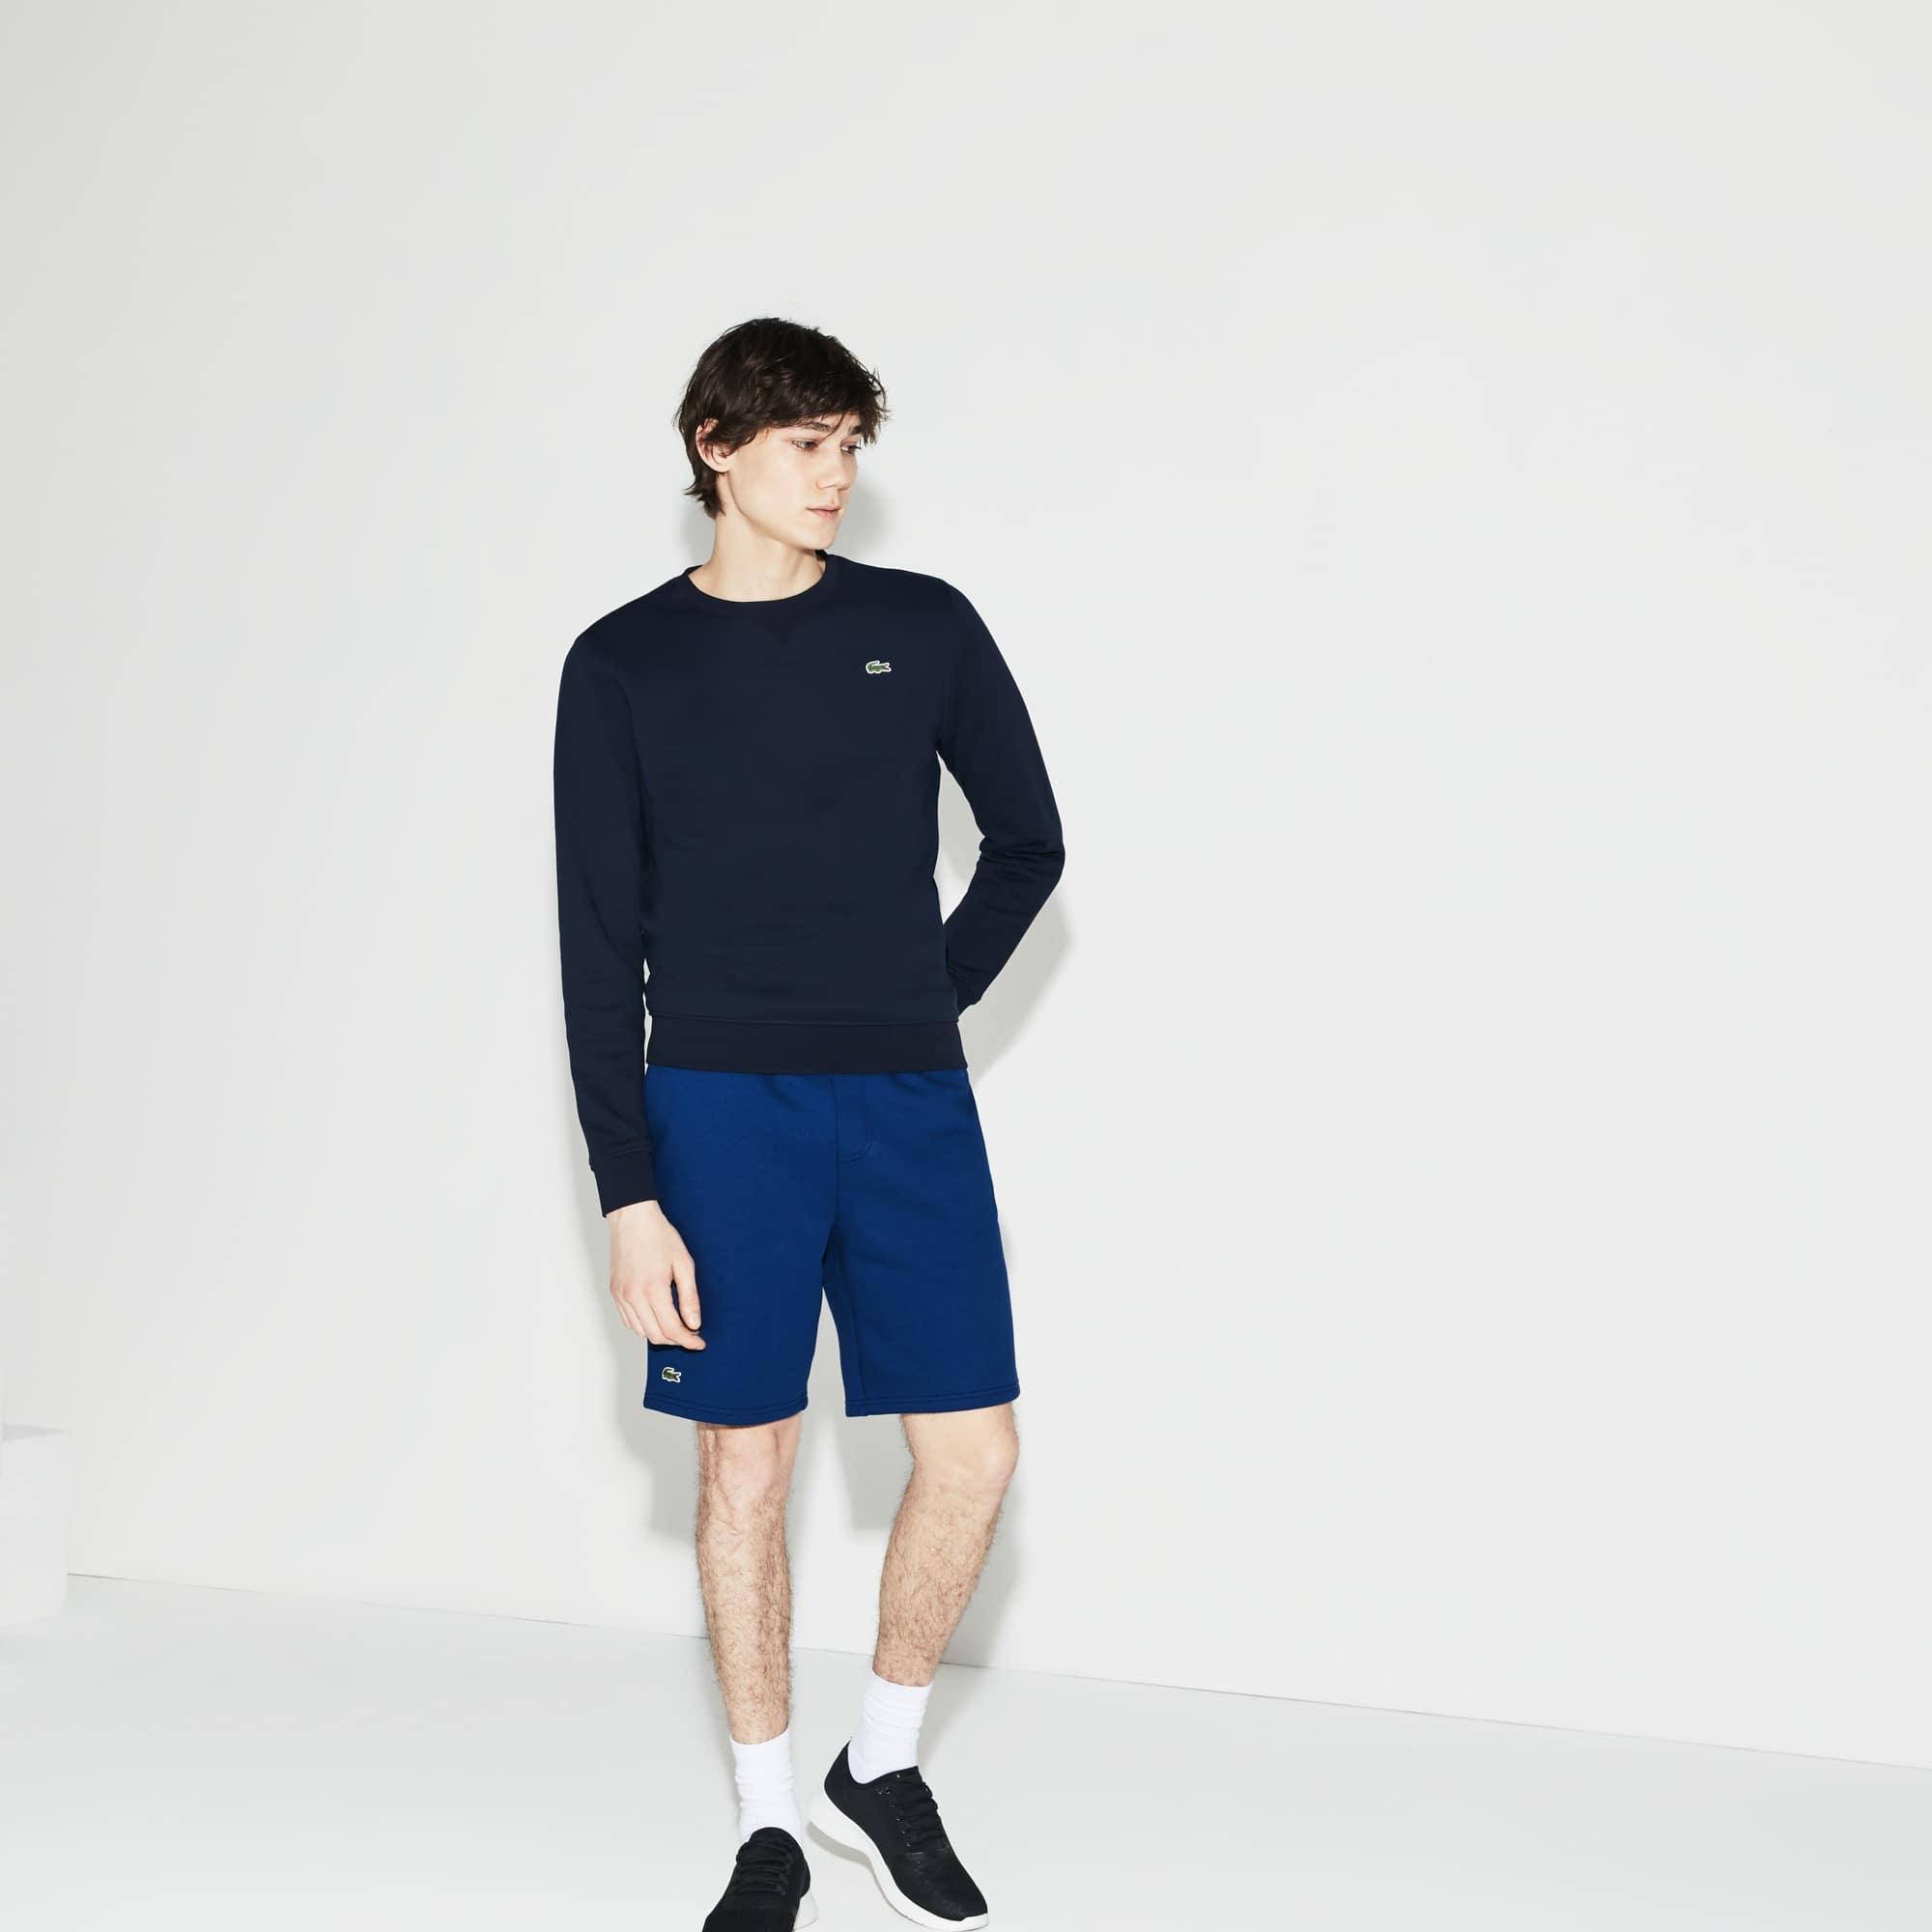 Herren-Shorts aus Fleece LACOSTE SPORT TENNIS